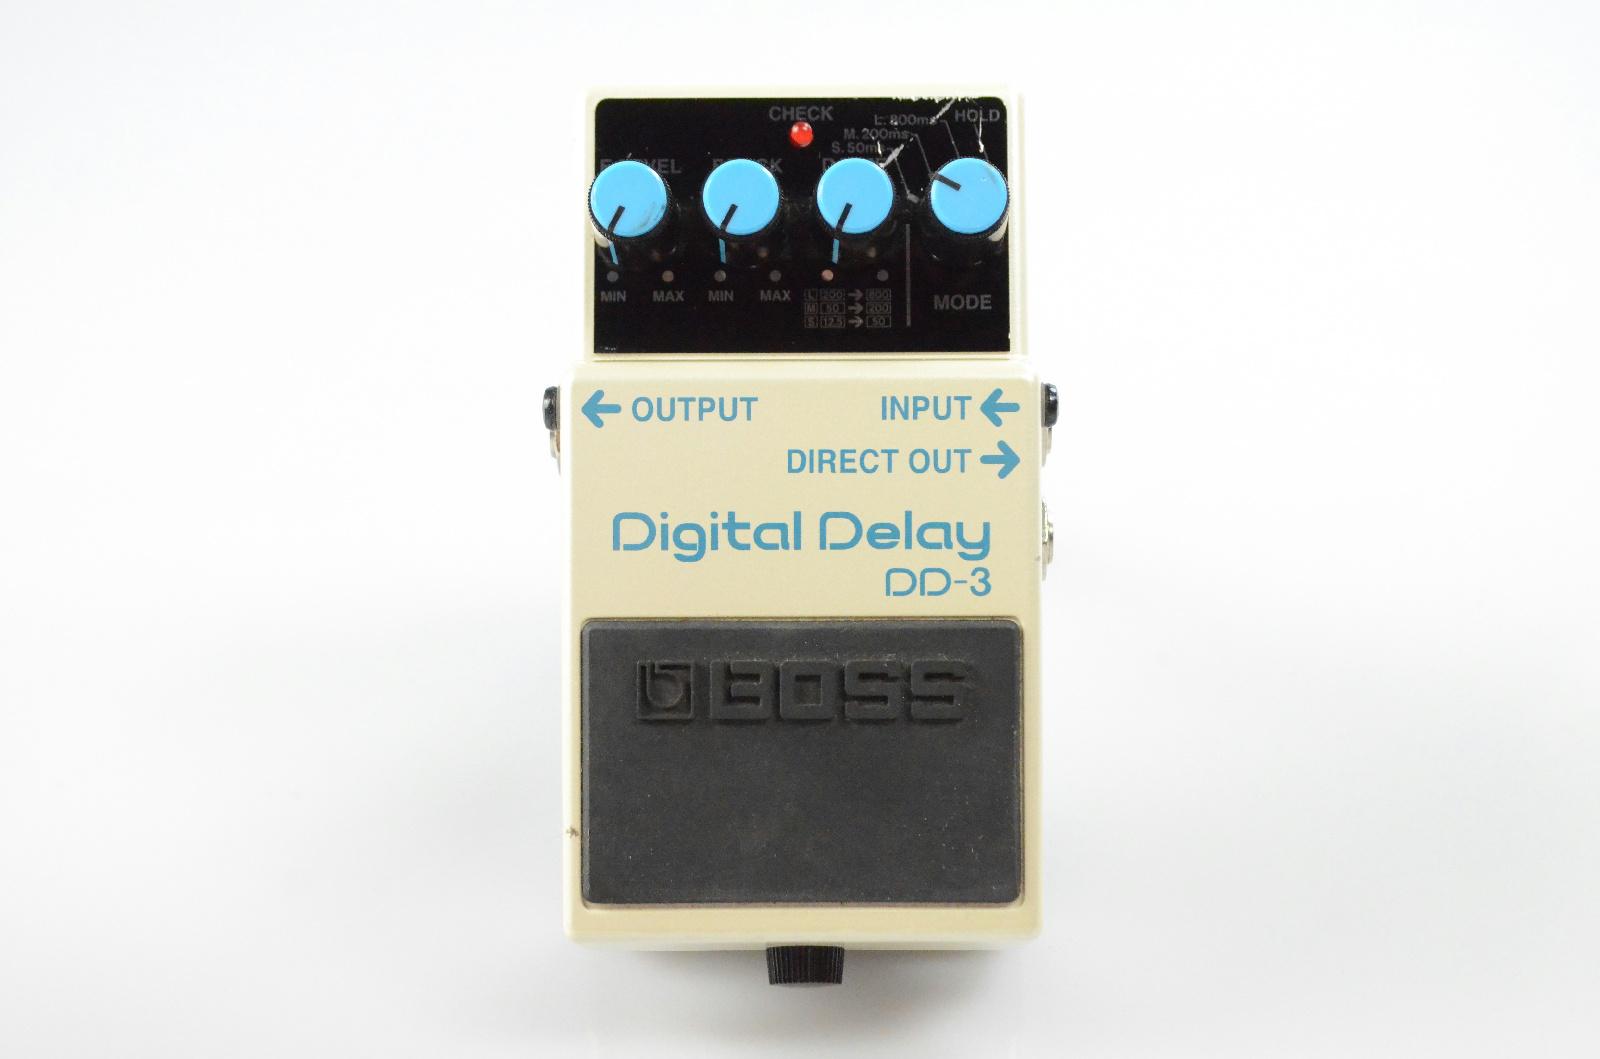 Boss DD-3 DD3 Digital Delay Echo Effect Pedal Owned by Papa Roach #33366